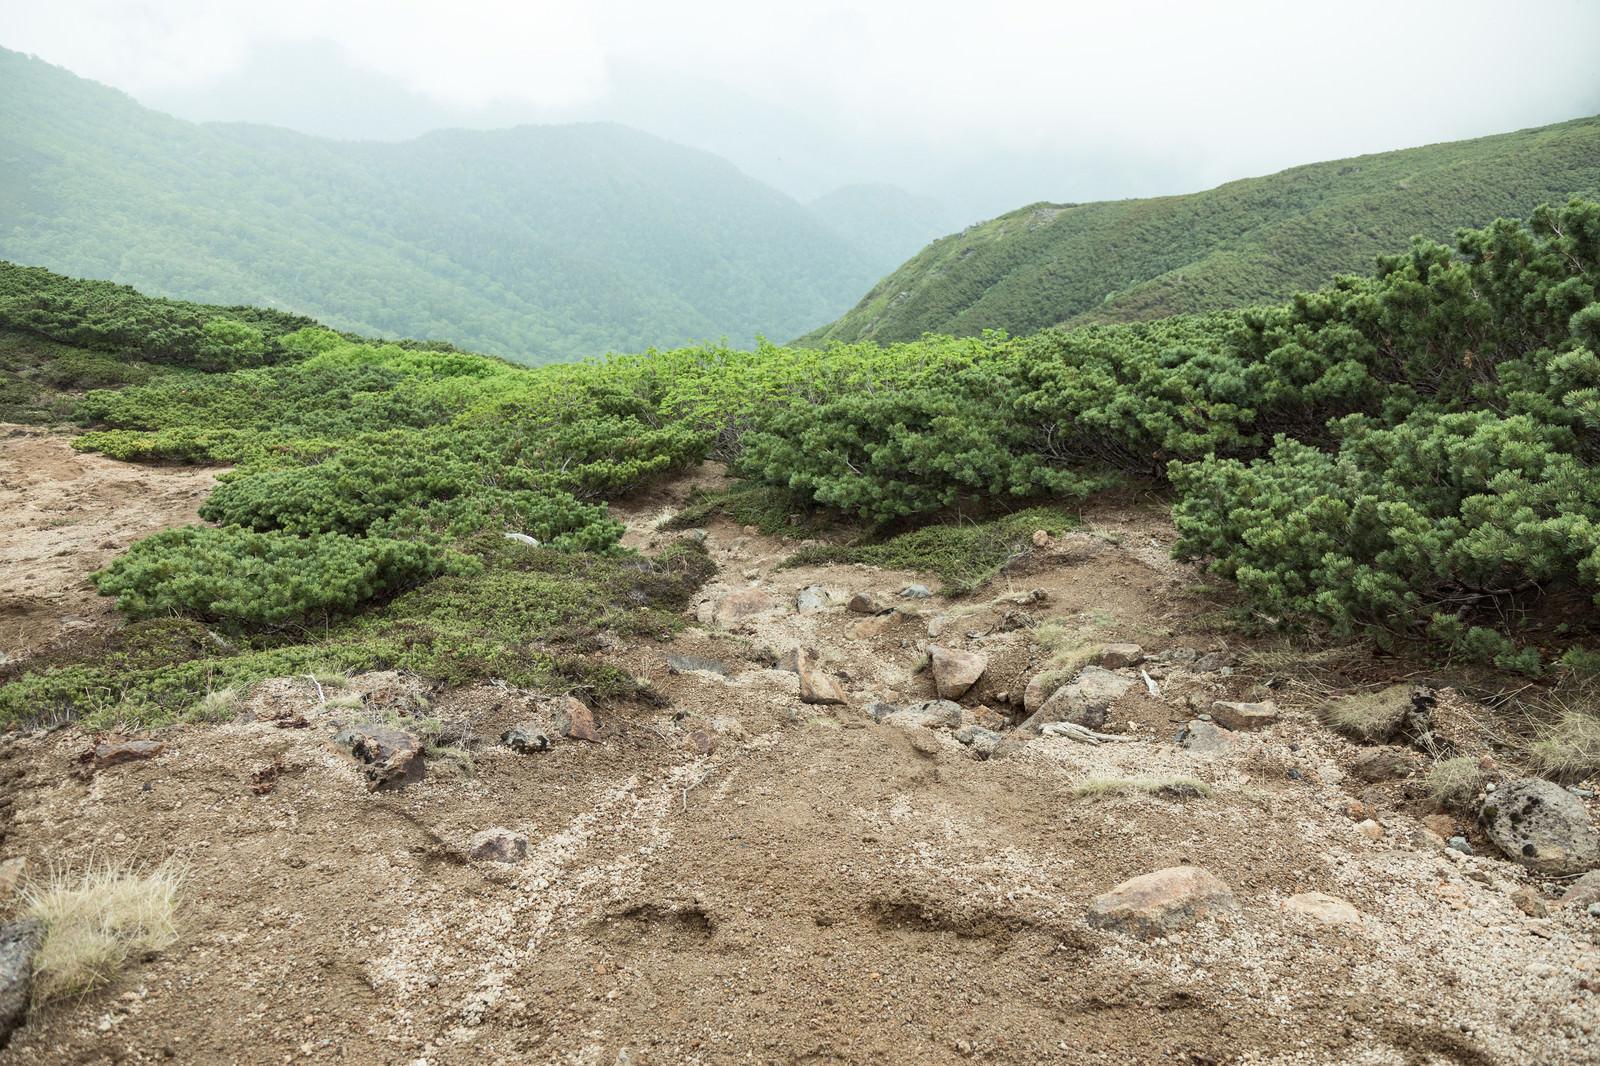 「低木しか育たない標高が高い登山道 | 写真の無料素材・フリー素材 - ぱくたそ」の写真